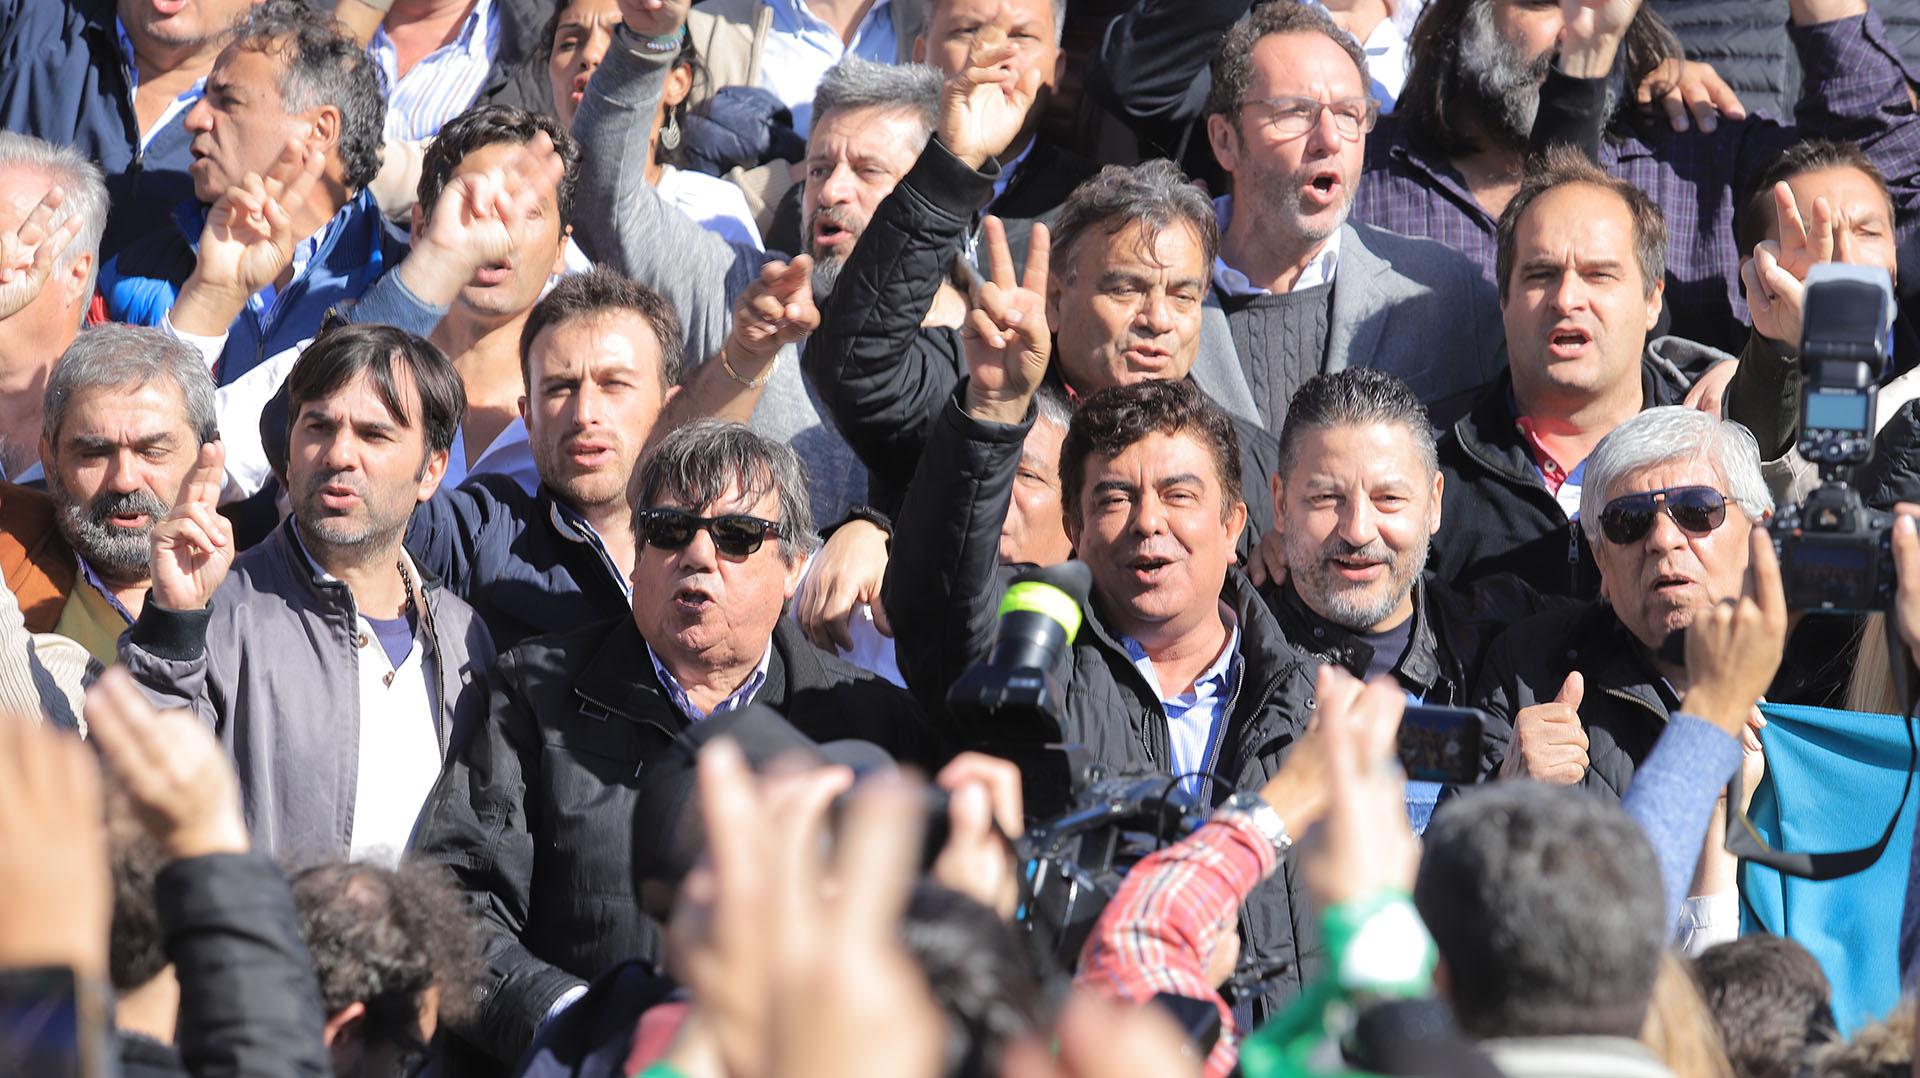 Hugo Moyano, Gustavo Menéndez, Fernando Espinoza, Víctor Santa María, Francisco Echarrenpaco du fueron algunos de los dirigentes que participaron de la convocatoria